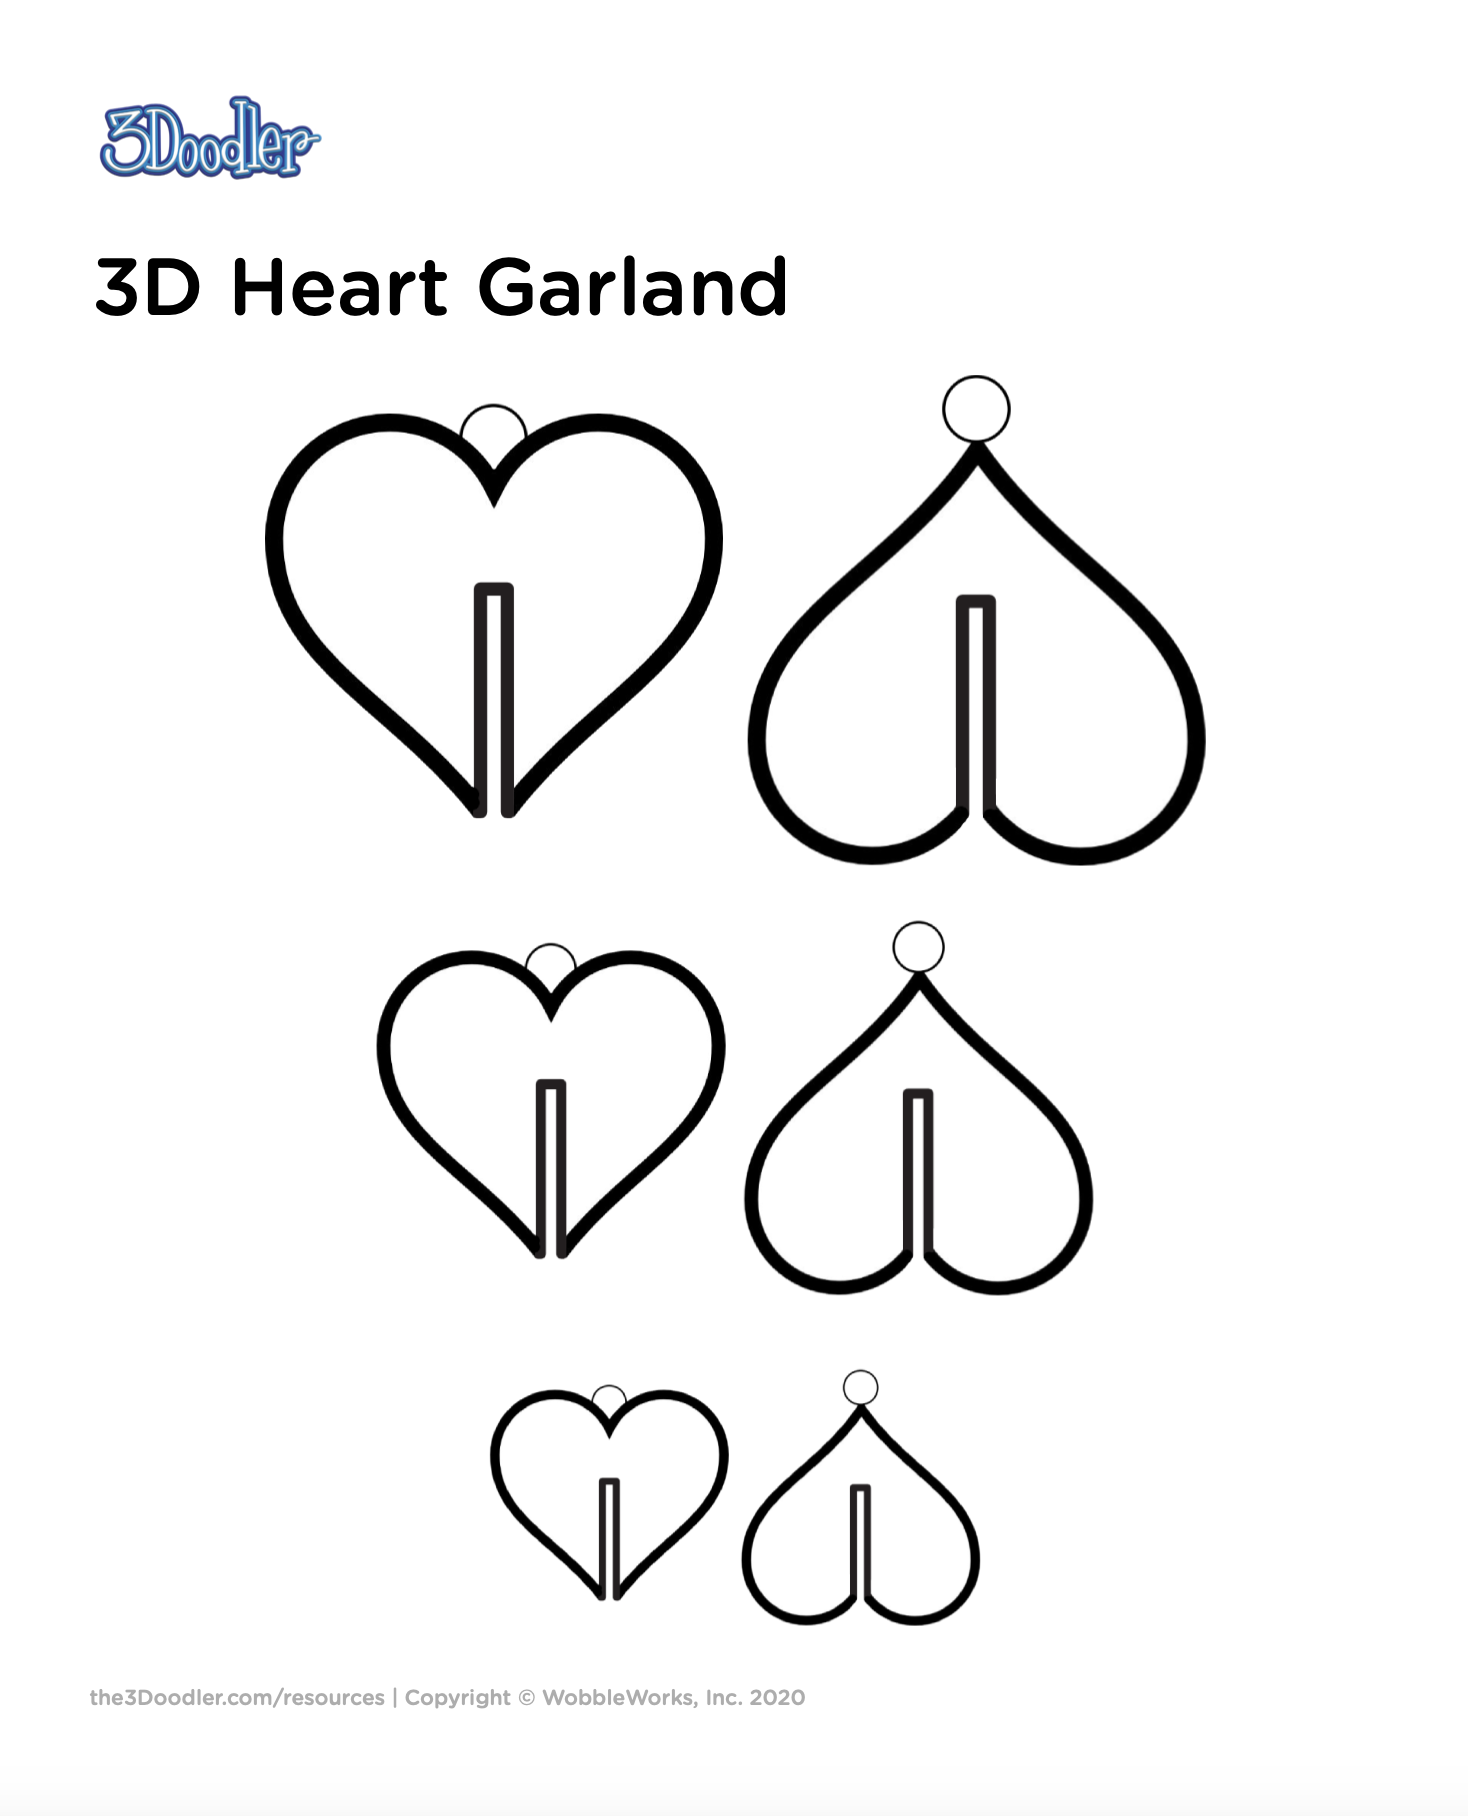 3D Pen Stencil Template 3D Heart Garland